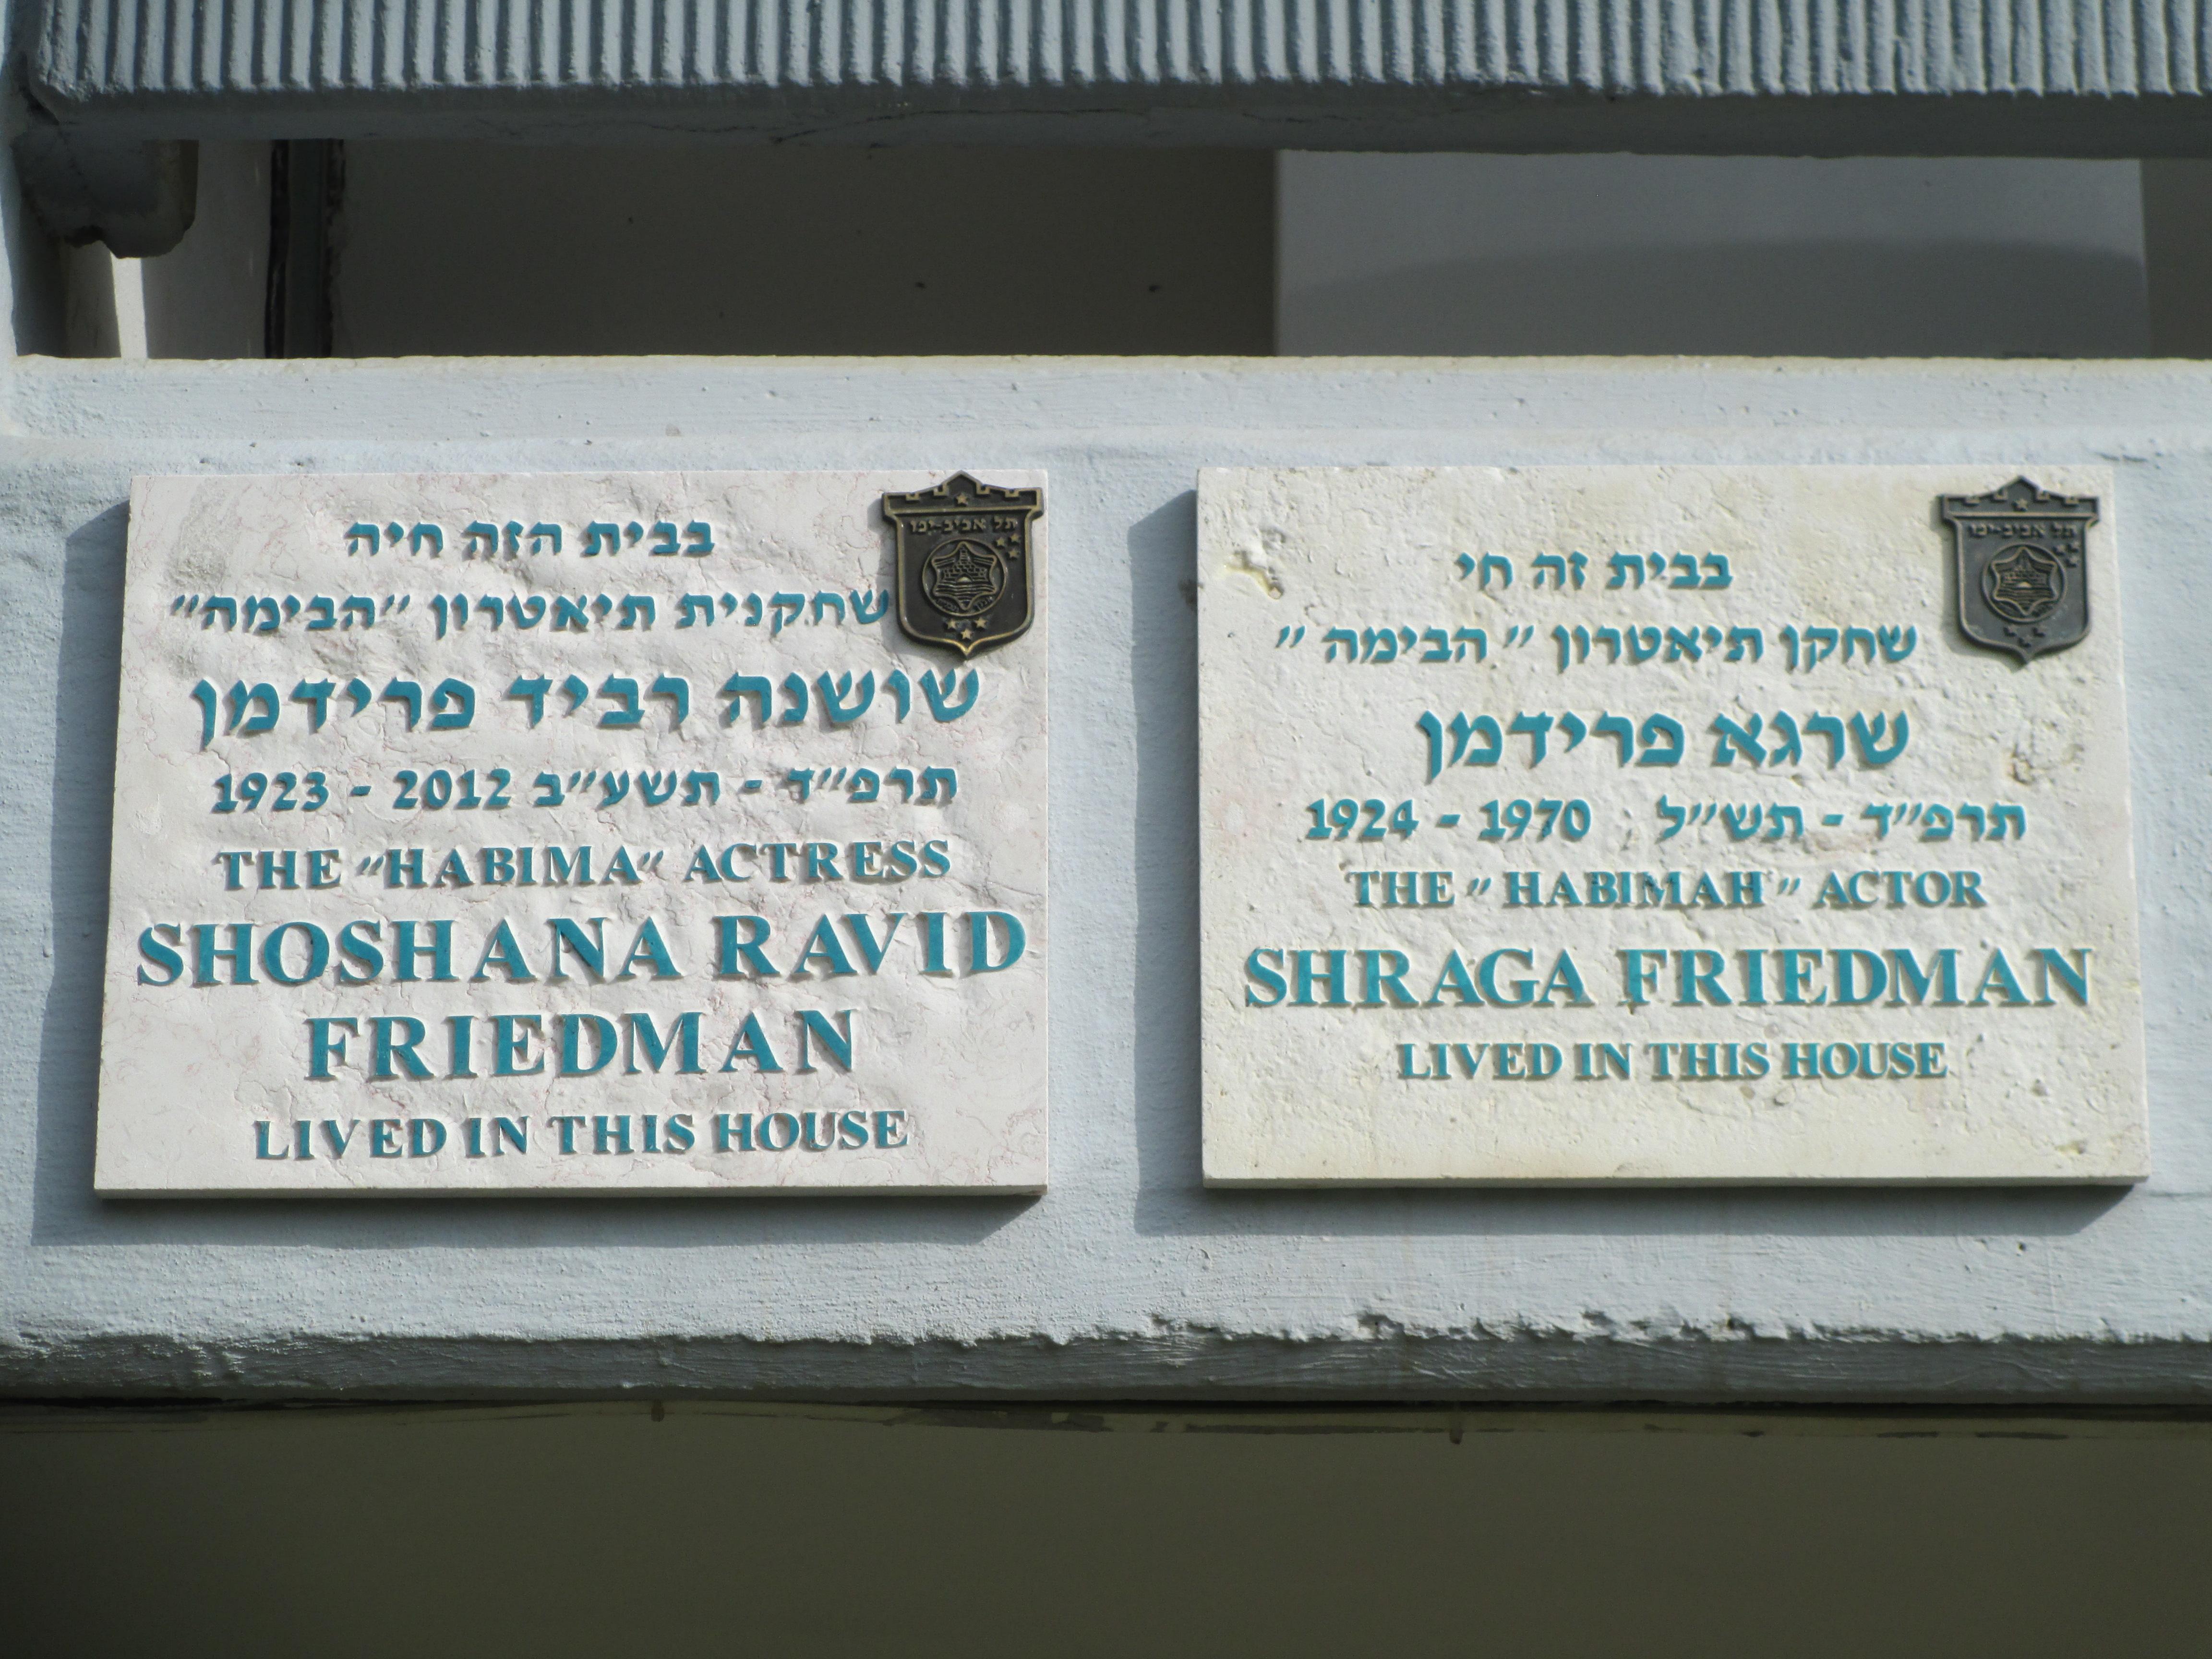 Shraga Friedman